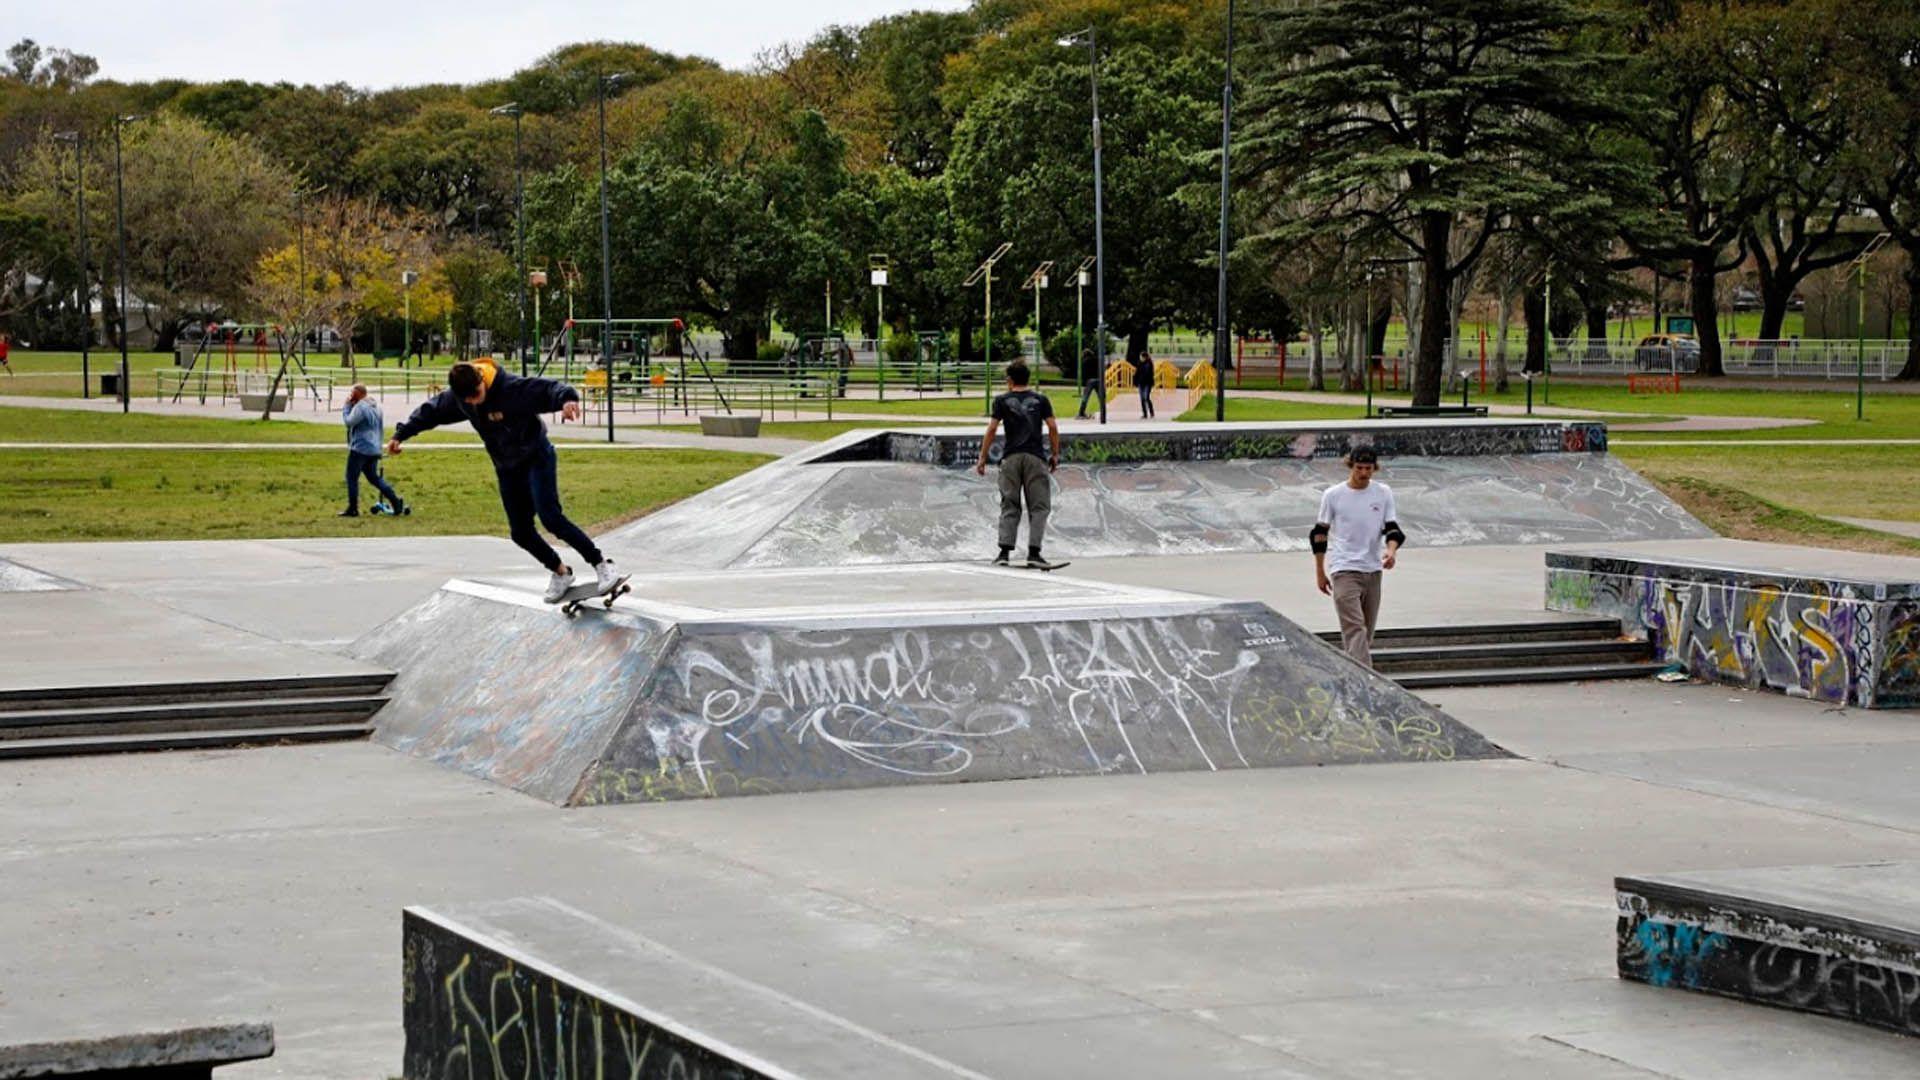 El Paseo de las Américas está ubicado en Ramsay 2200, en el barrio de Belgrano. Este año estrenó un patio de juegos y para quienes desafían la gravedad cuenta con un skatepark. En el último tiempo, muchas disciplinas se trasladaron a los espacios verdes, como el yoga, el baile y otros deportes aún más exóticos como el hockey sobre patines y las destrezas en rollers.ElPaseo de las Américas se convirtió el punto de encuentro para los skaters.